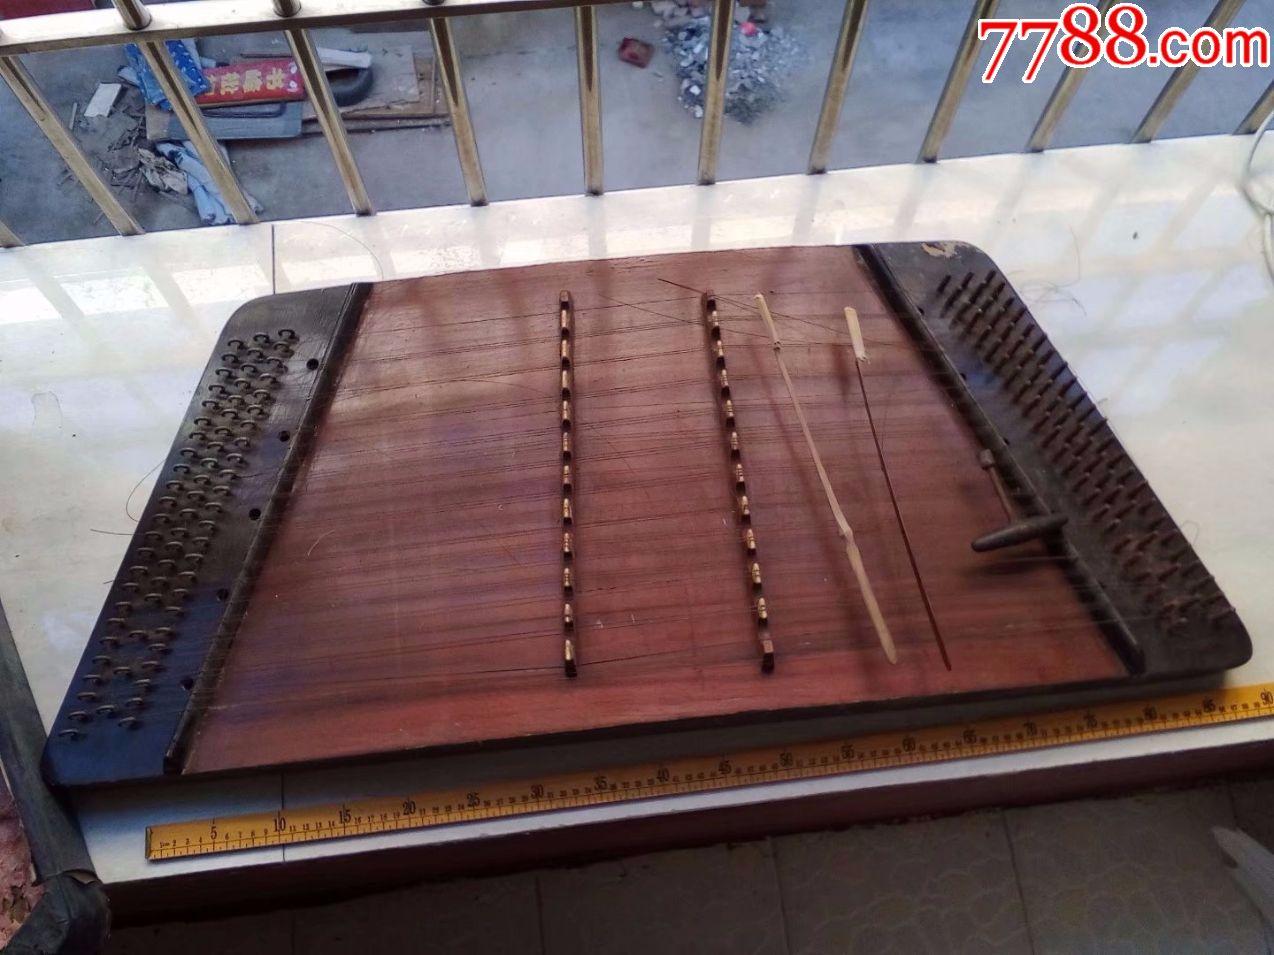 特价,包老1966年生产的老扬琴,琴弦有断,工具都在,压缩板的图片